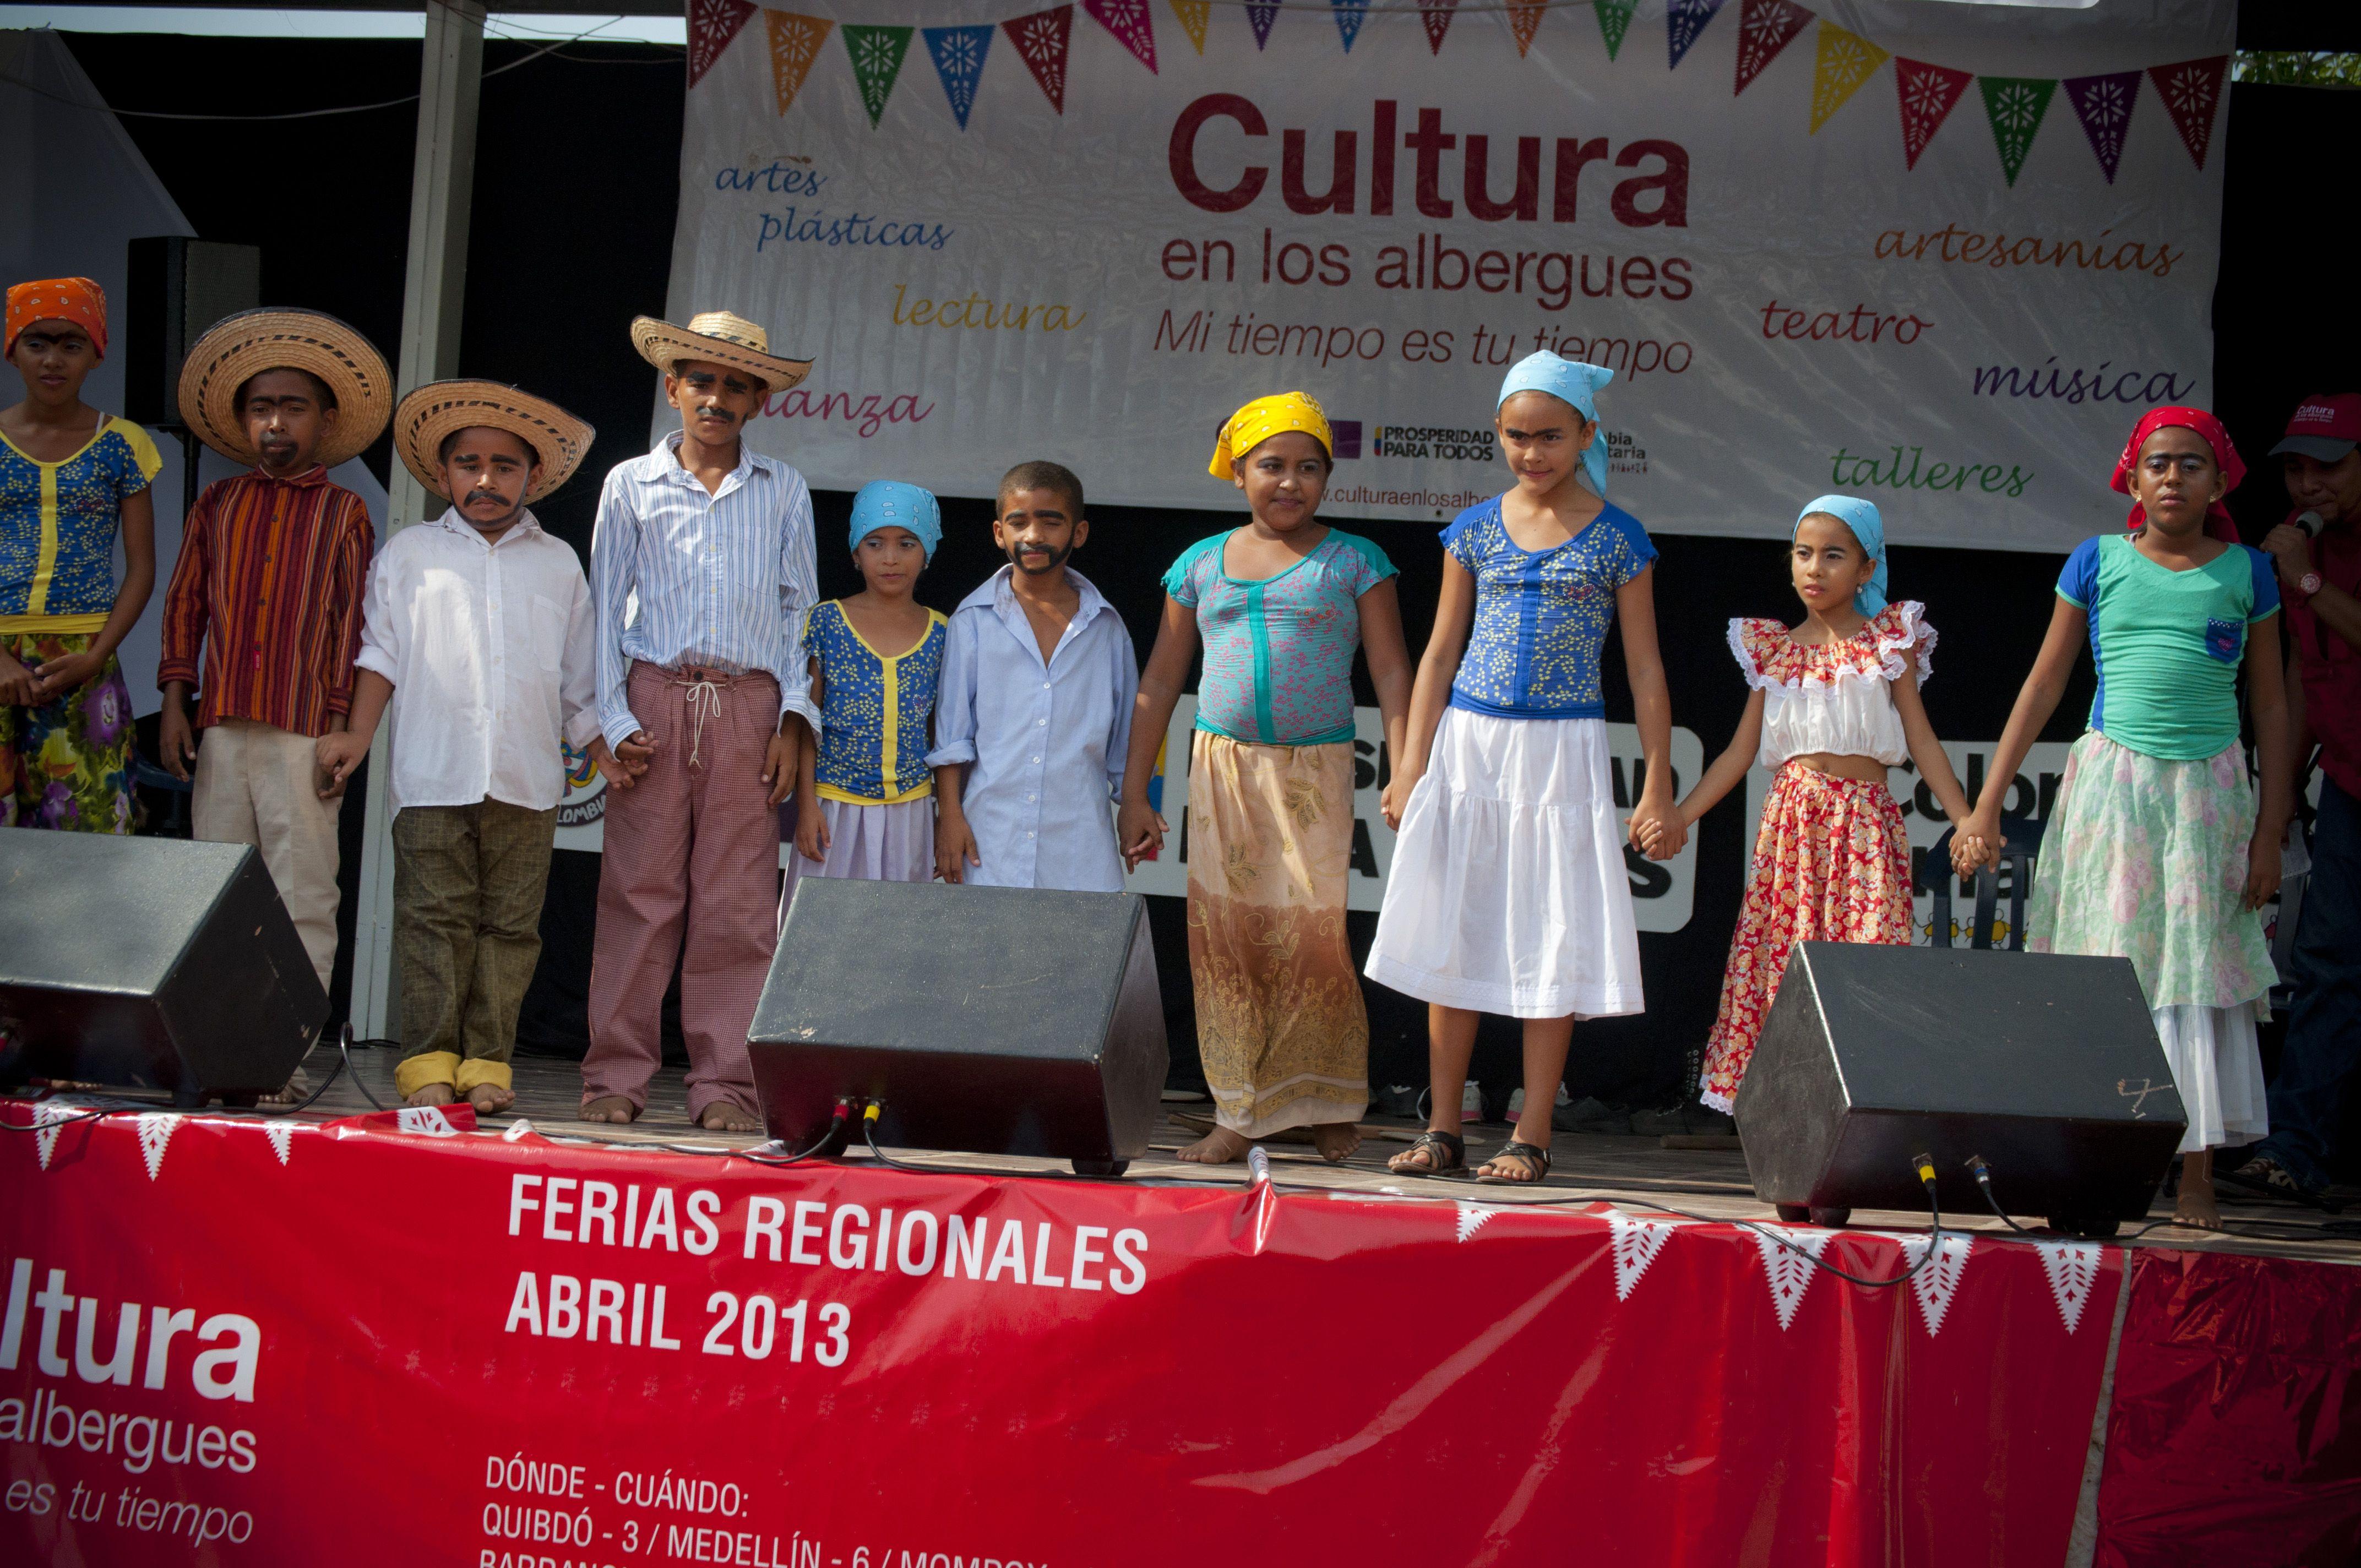 Los niños en el escenario